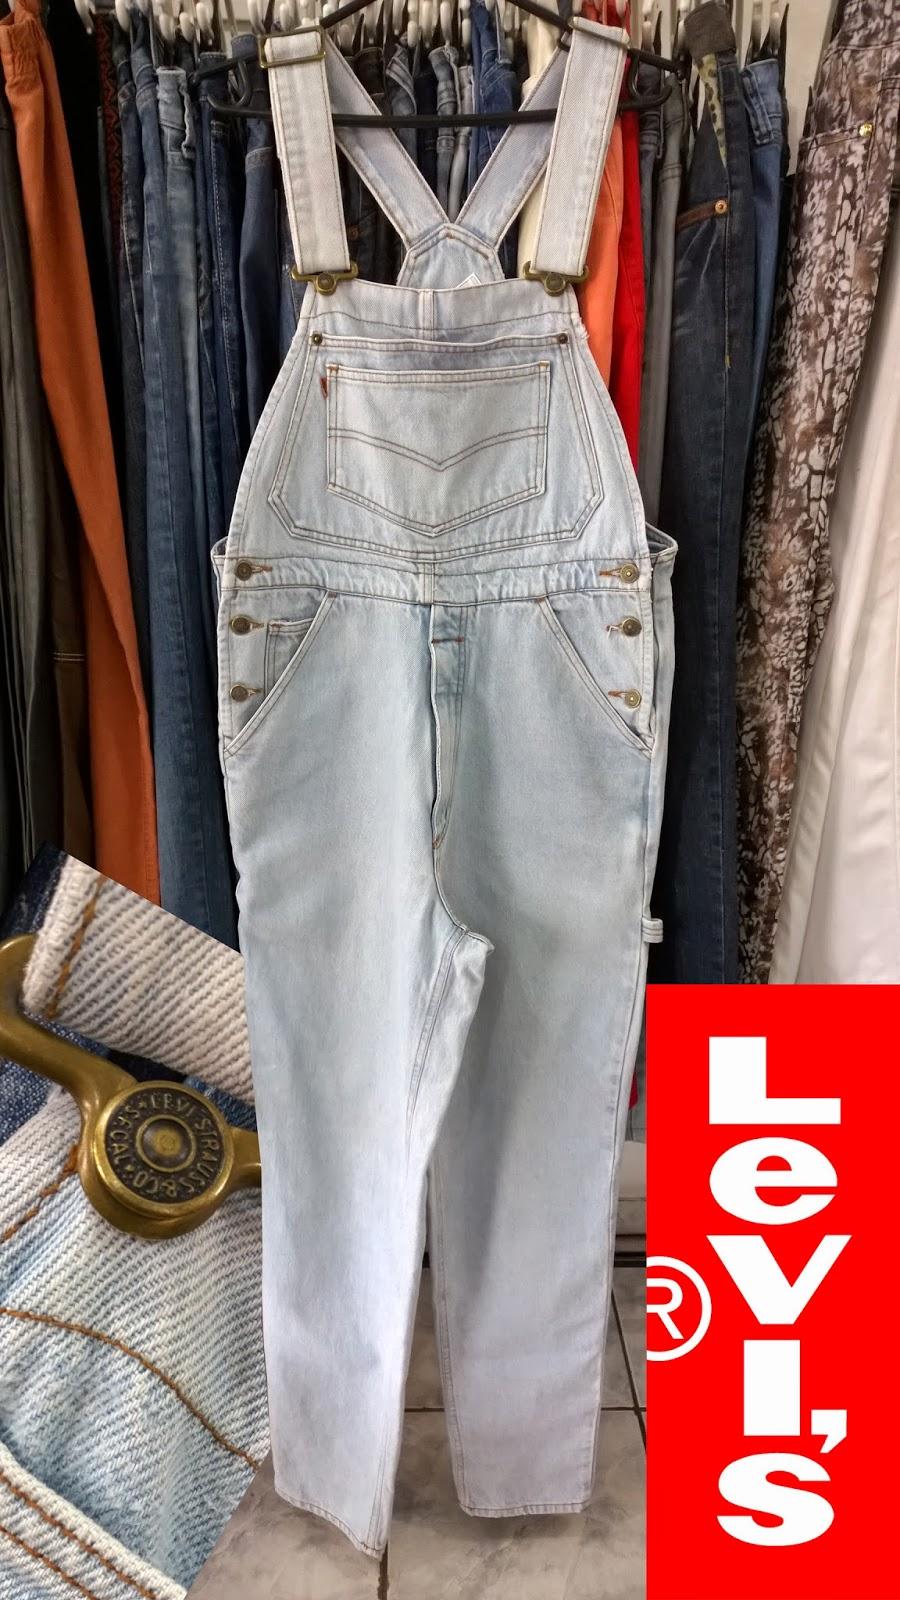 81f60a5b85f77 Moda de Lari  Macacão Jeans Masculino LEVI S Original Usado   VENDIDO